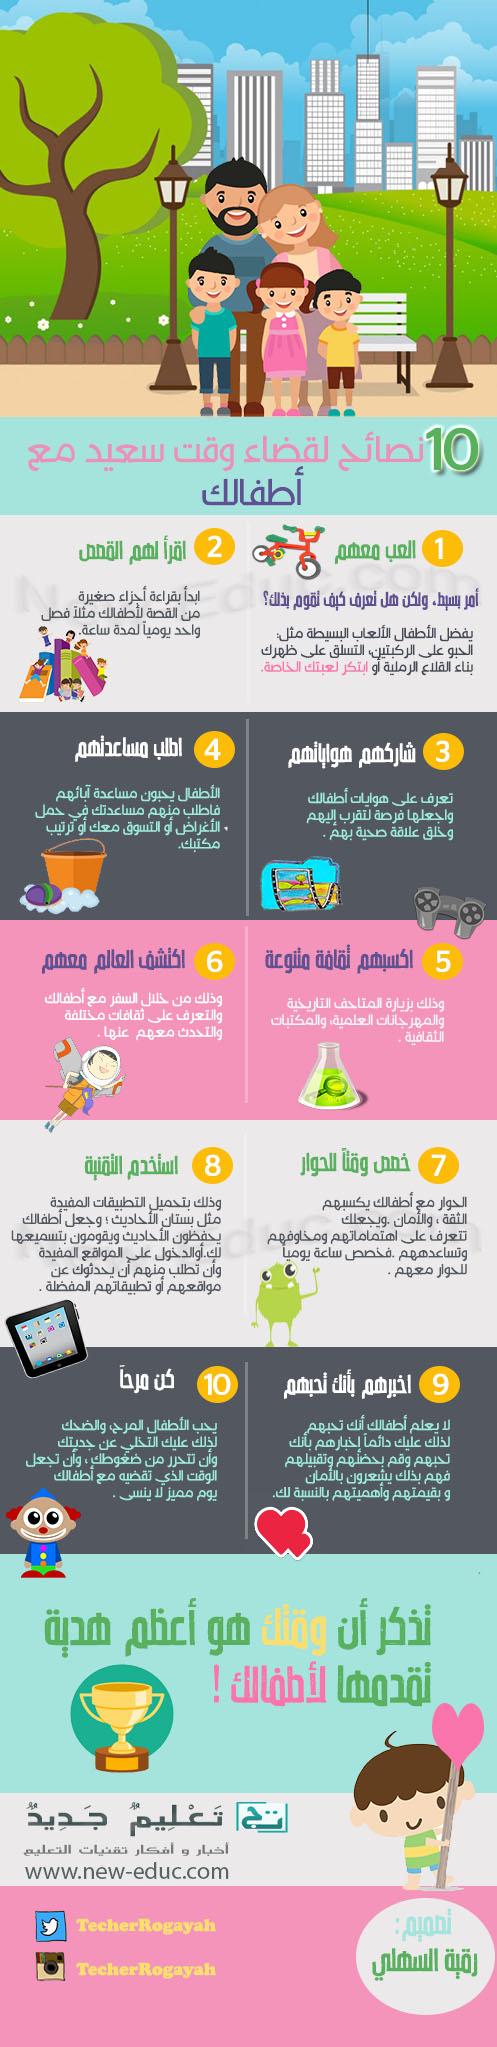 نصائح لقضاء وقت سعيد مع الطفل